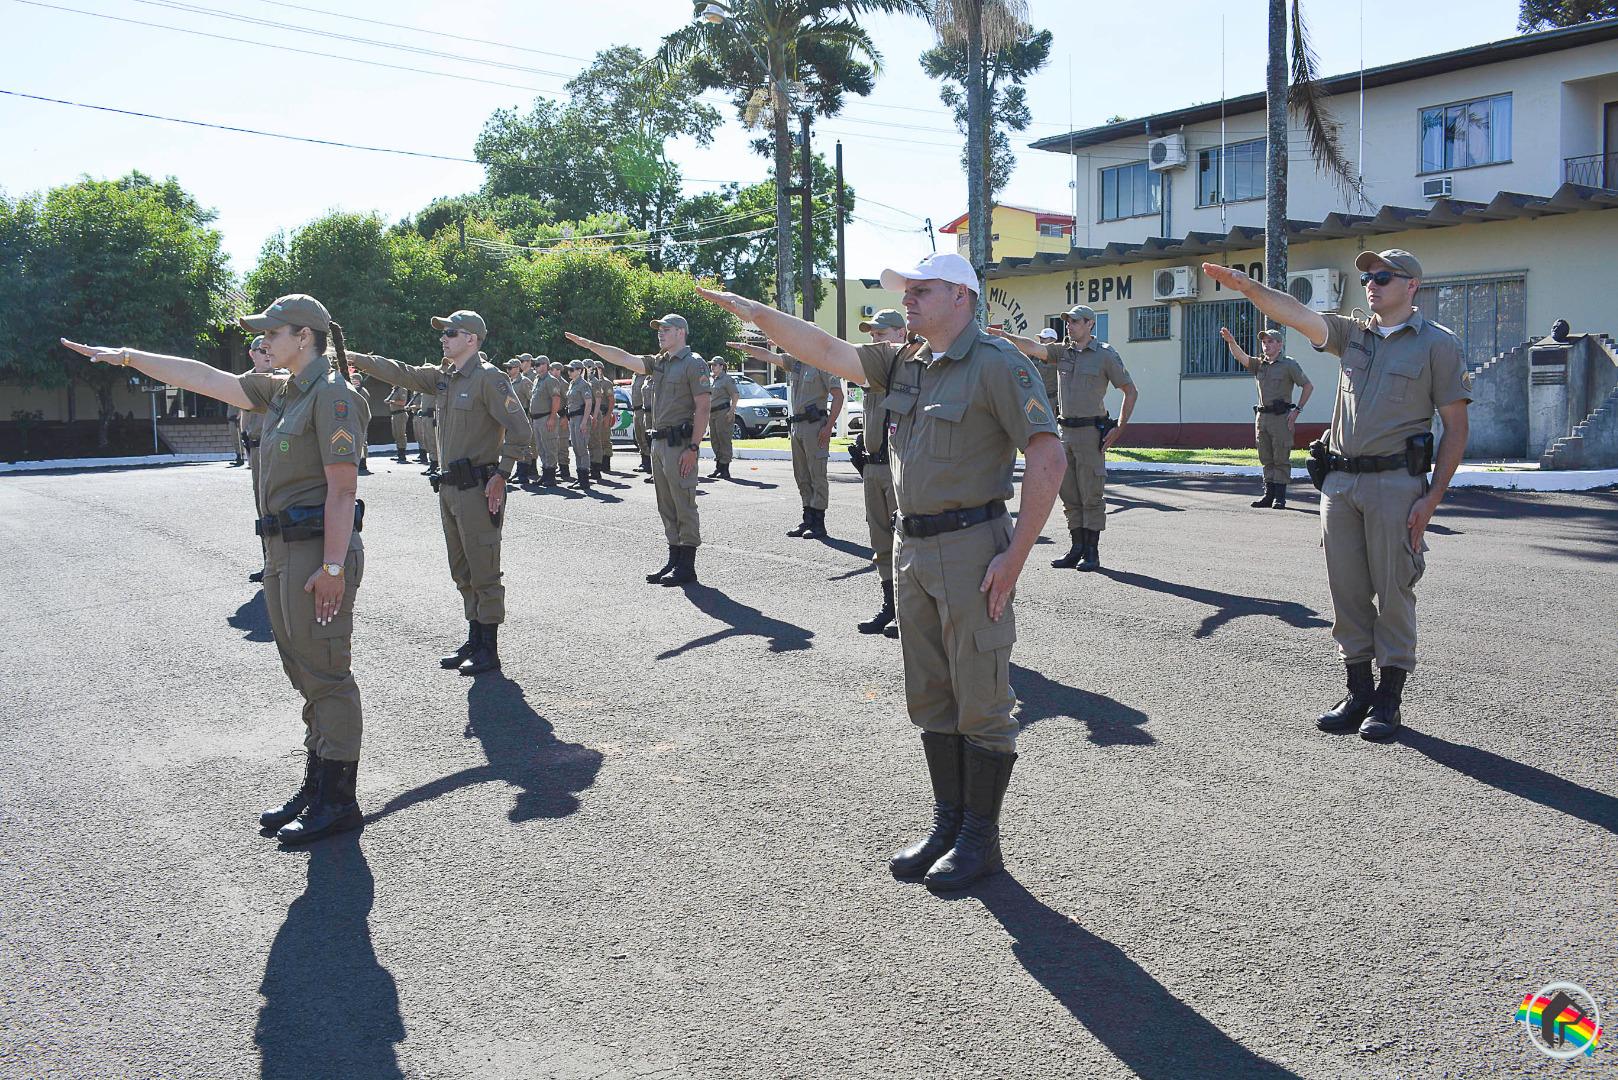 Polícia realiza formatura de cabos militares em São Miguel do Oeste